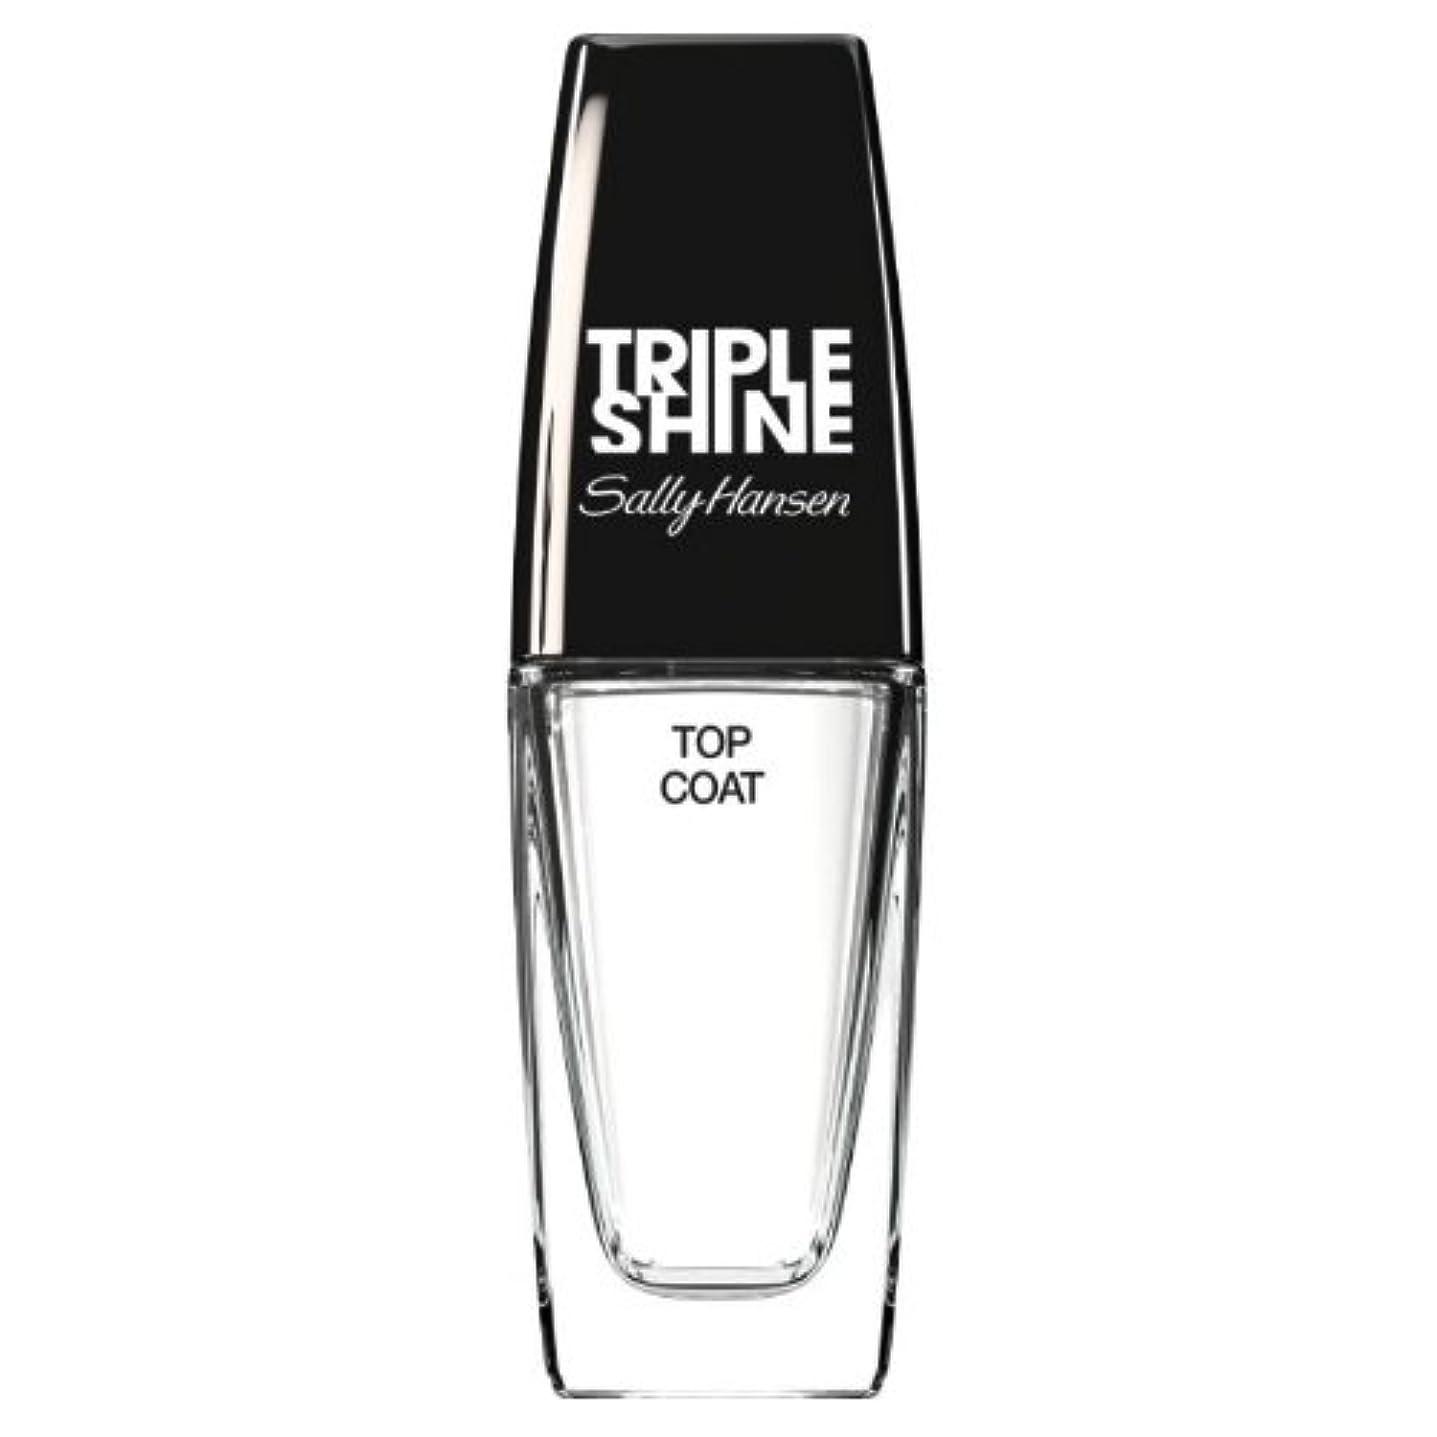 割り当てる追加する発表する(3 Pack) SALLY HANSEN Triple Shine Top Coat - Triple Shine Top Coat (並行輸入品)